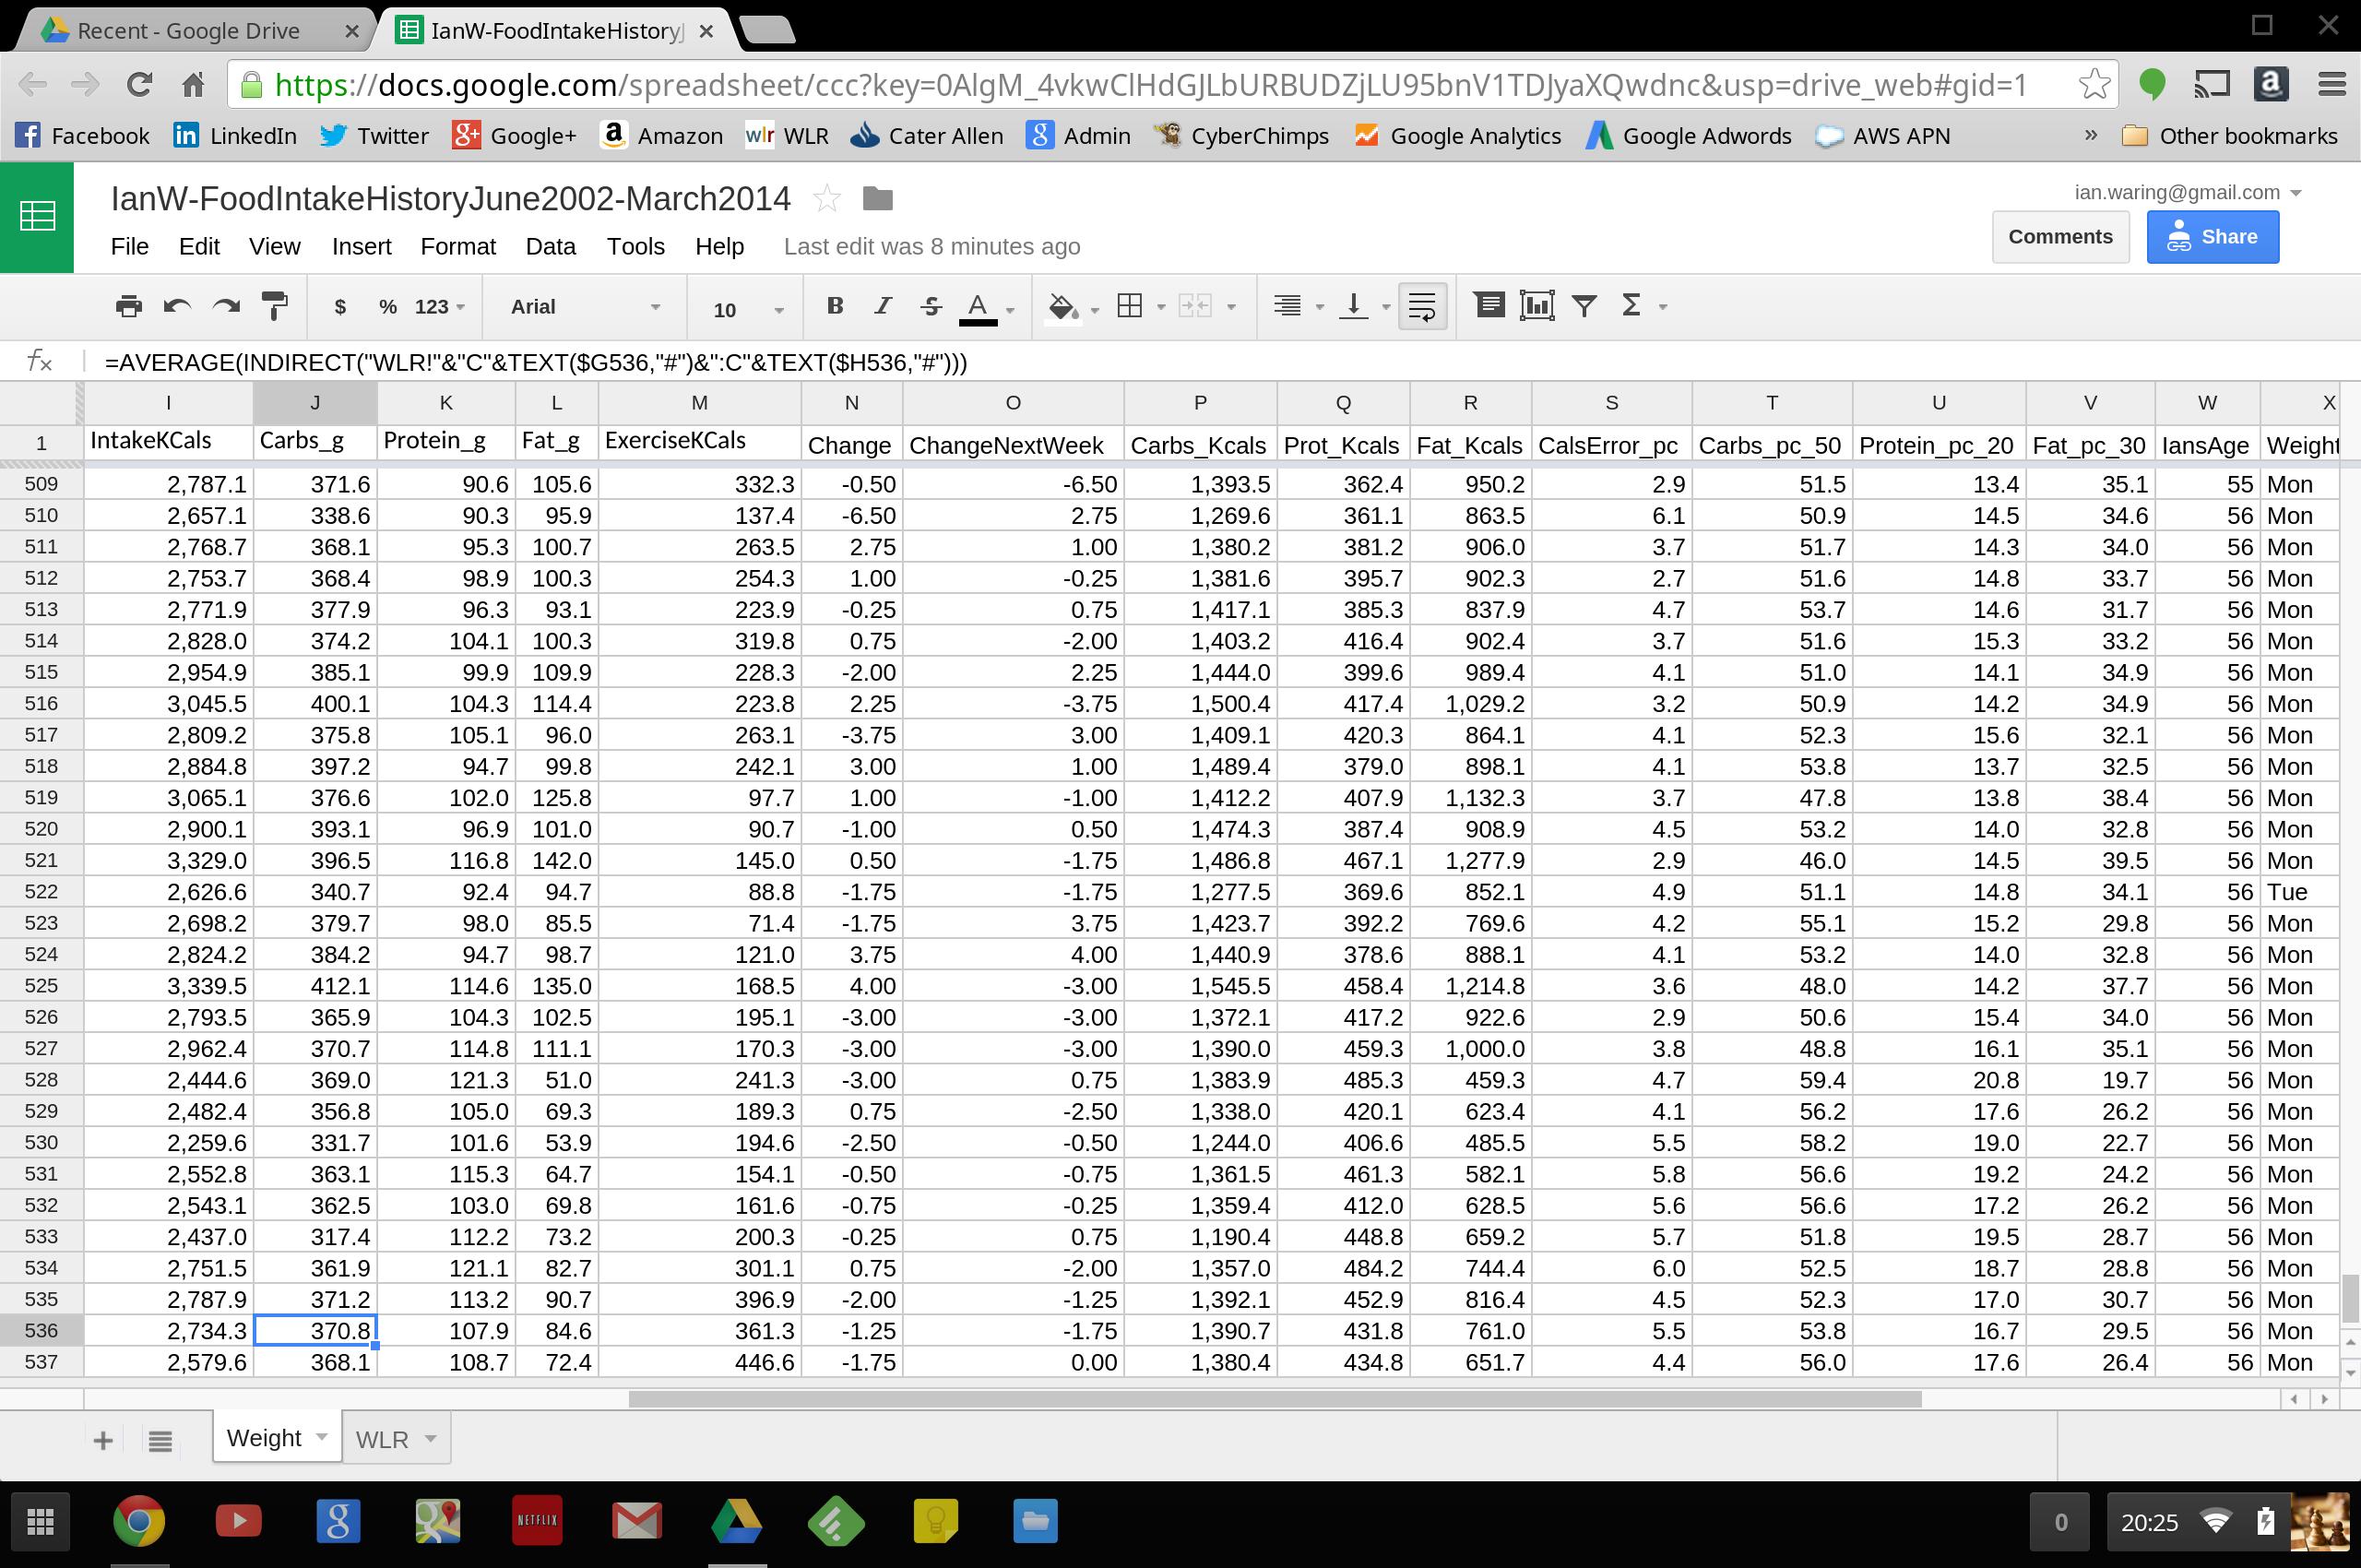 weightloss spreadsheet